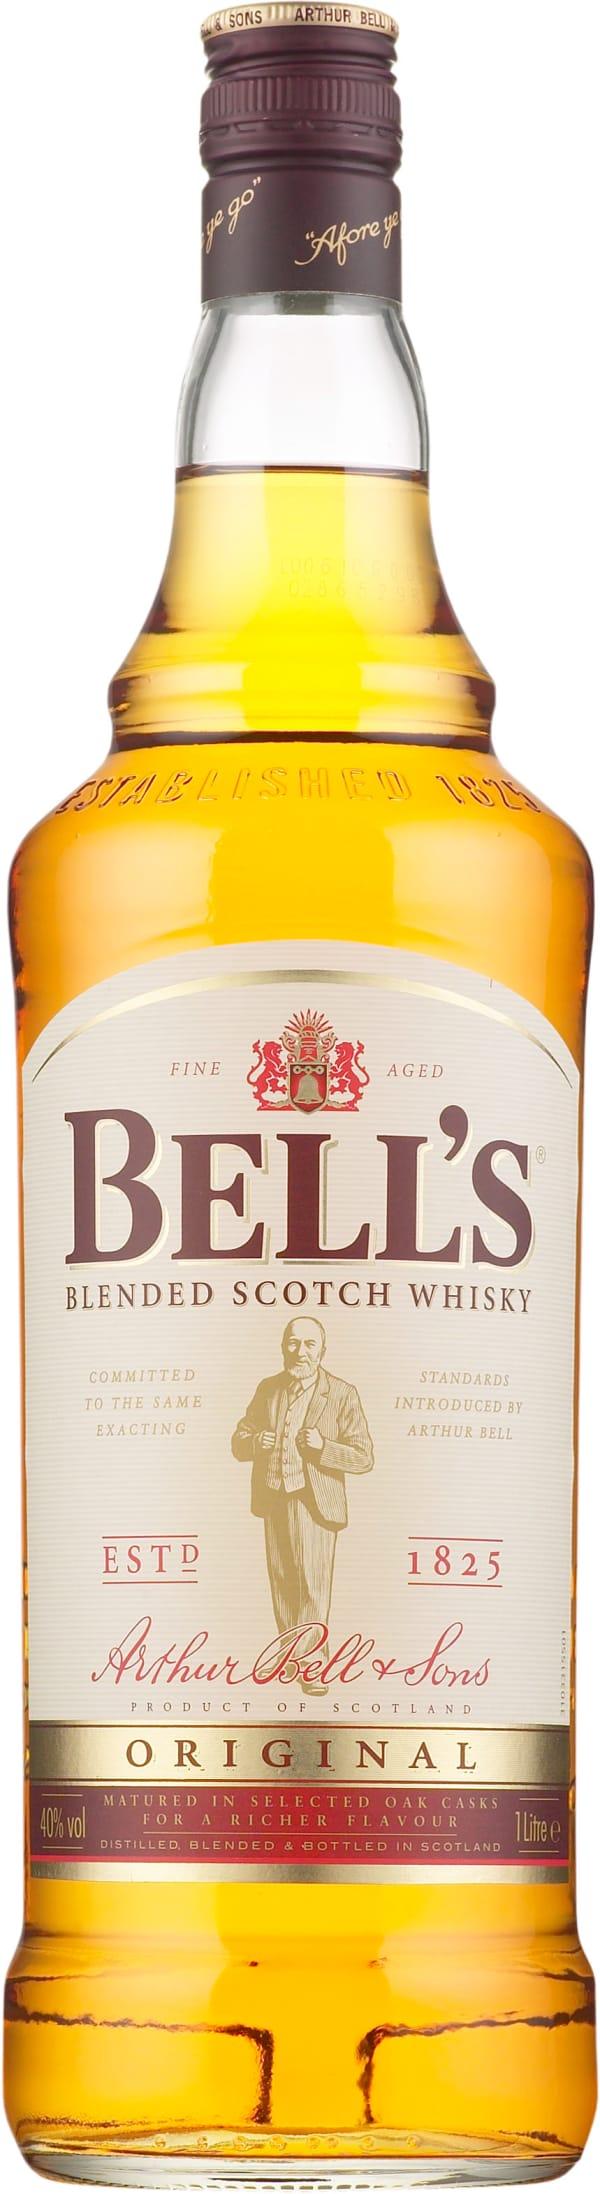 Bell's Original